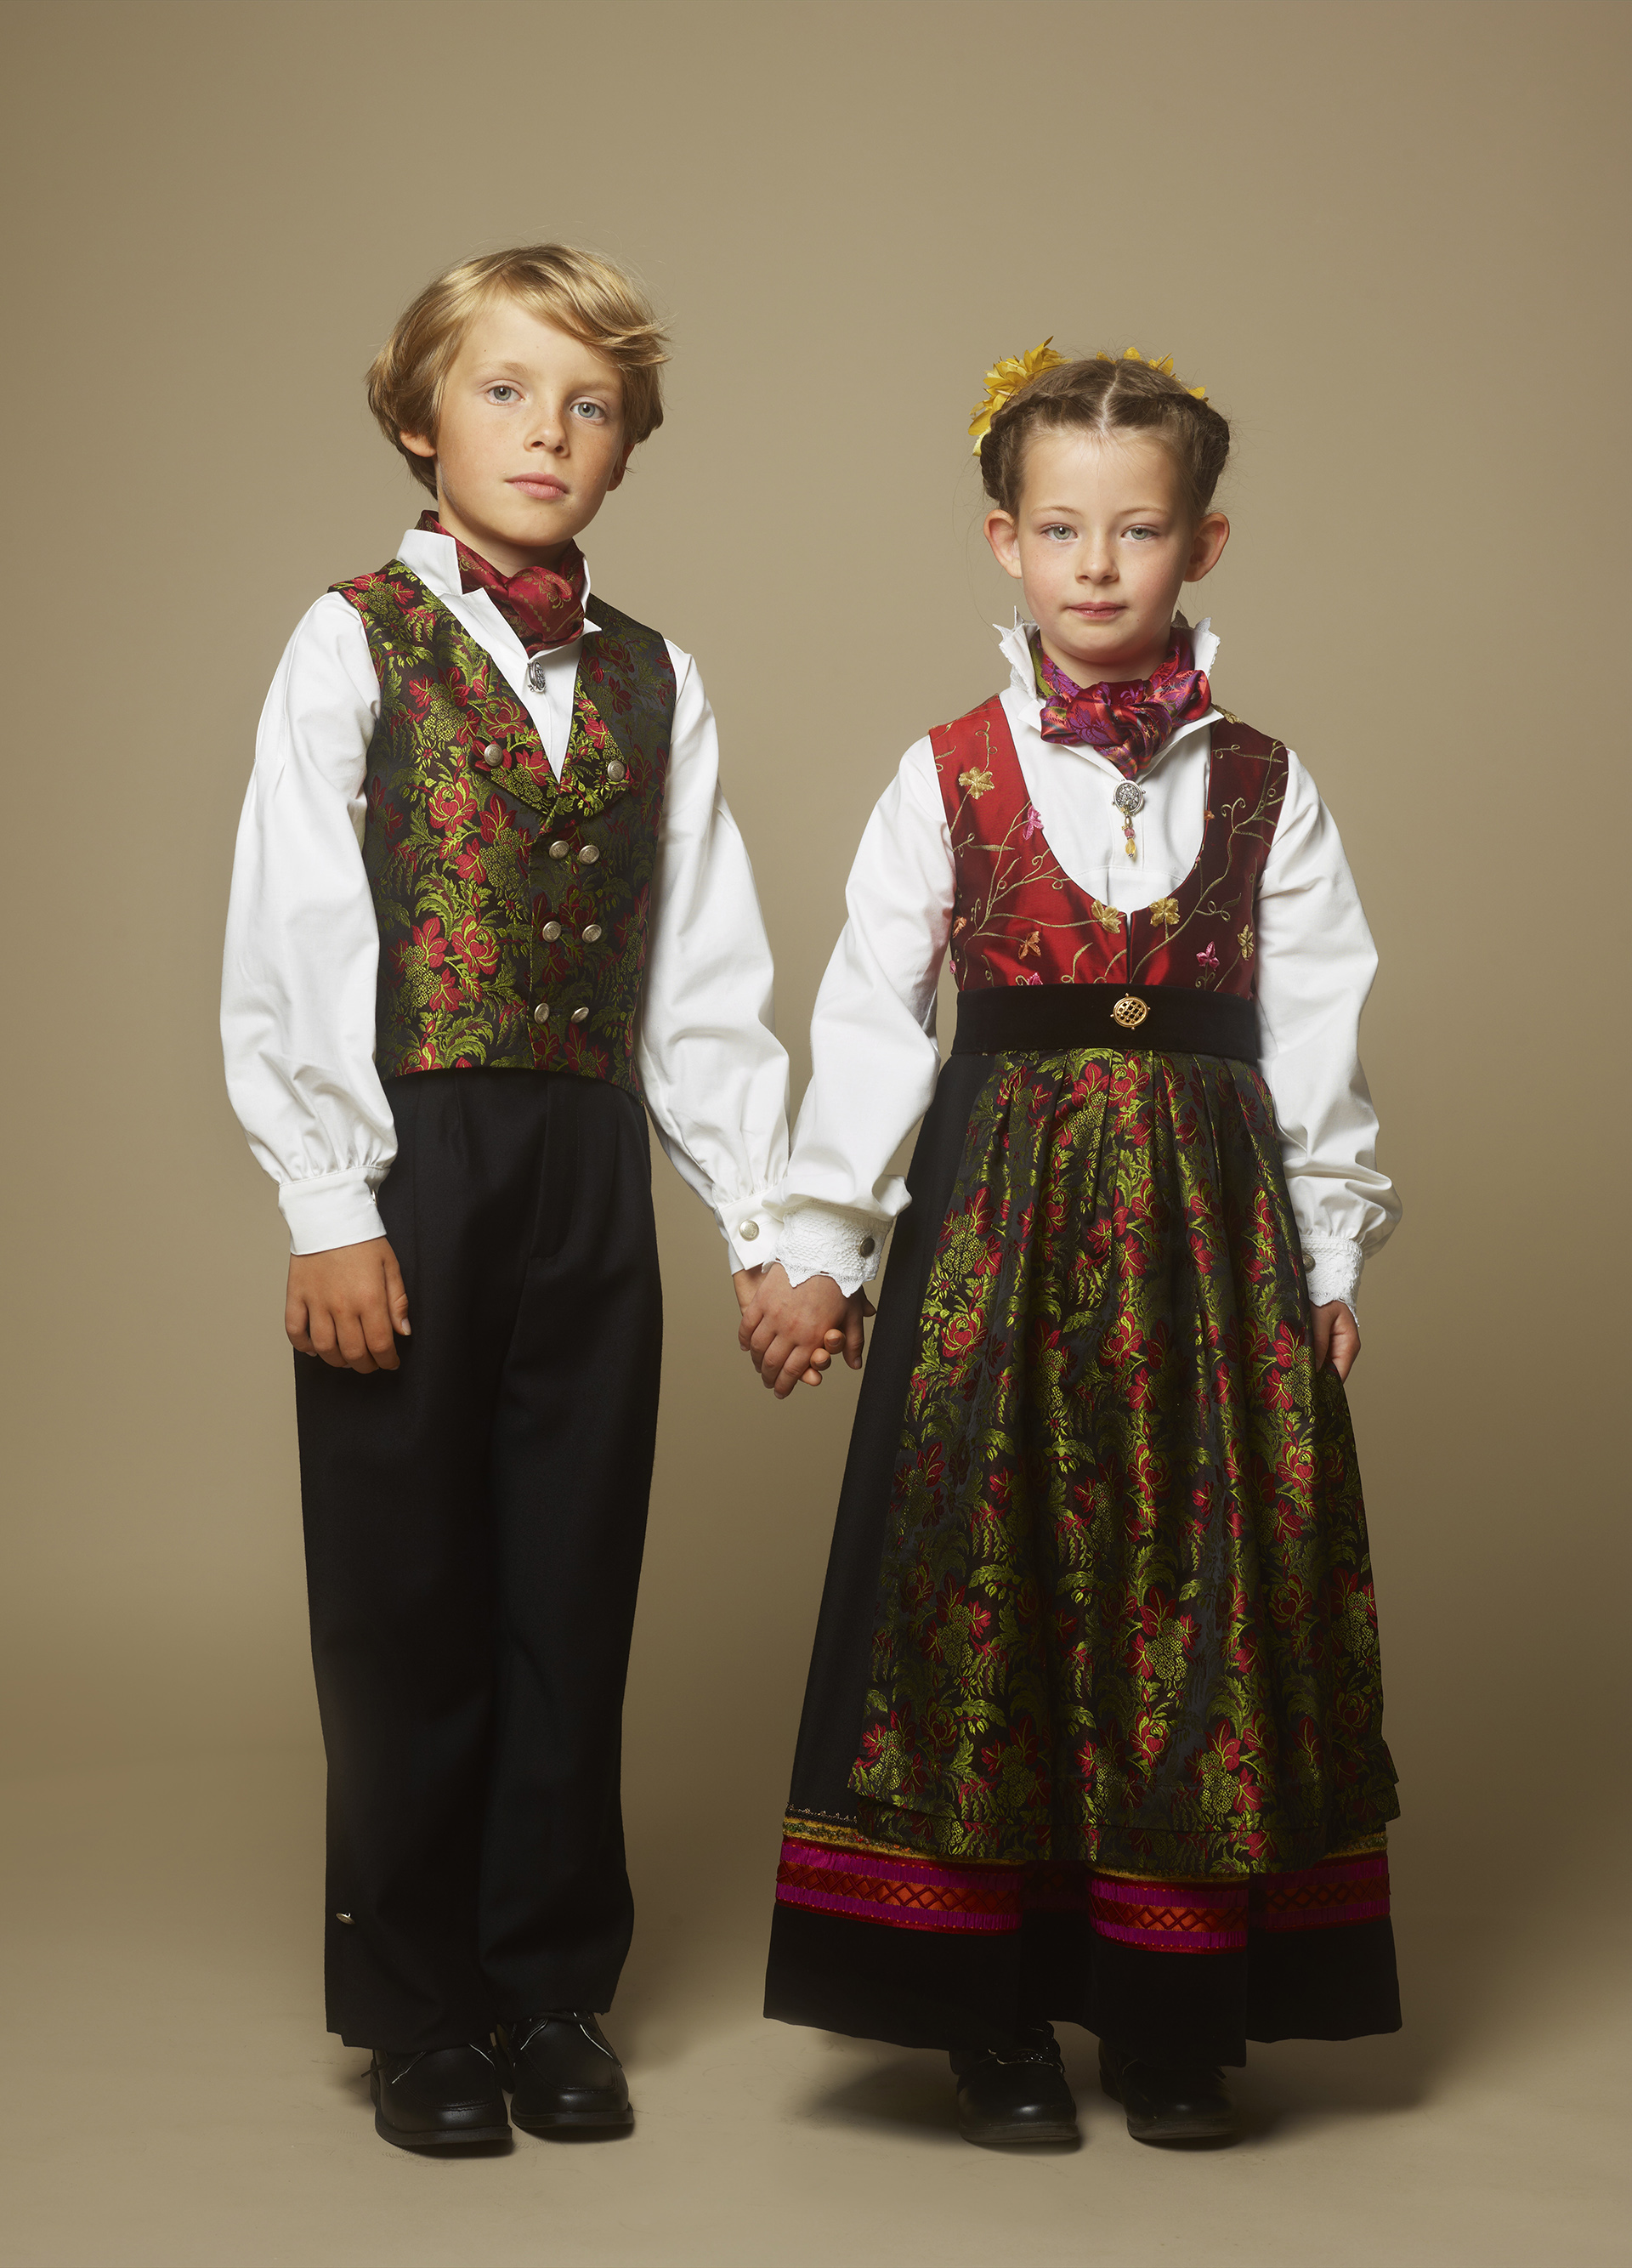 Bunad barn jente og gutt som holder hverandre i hånden